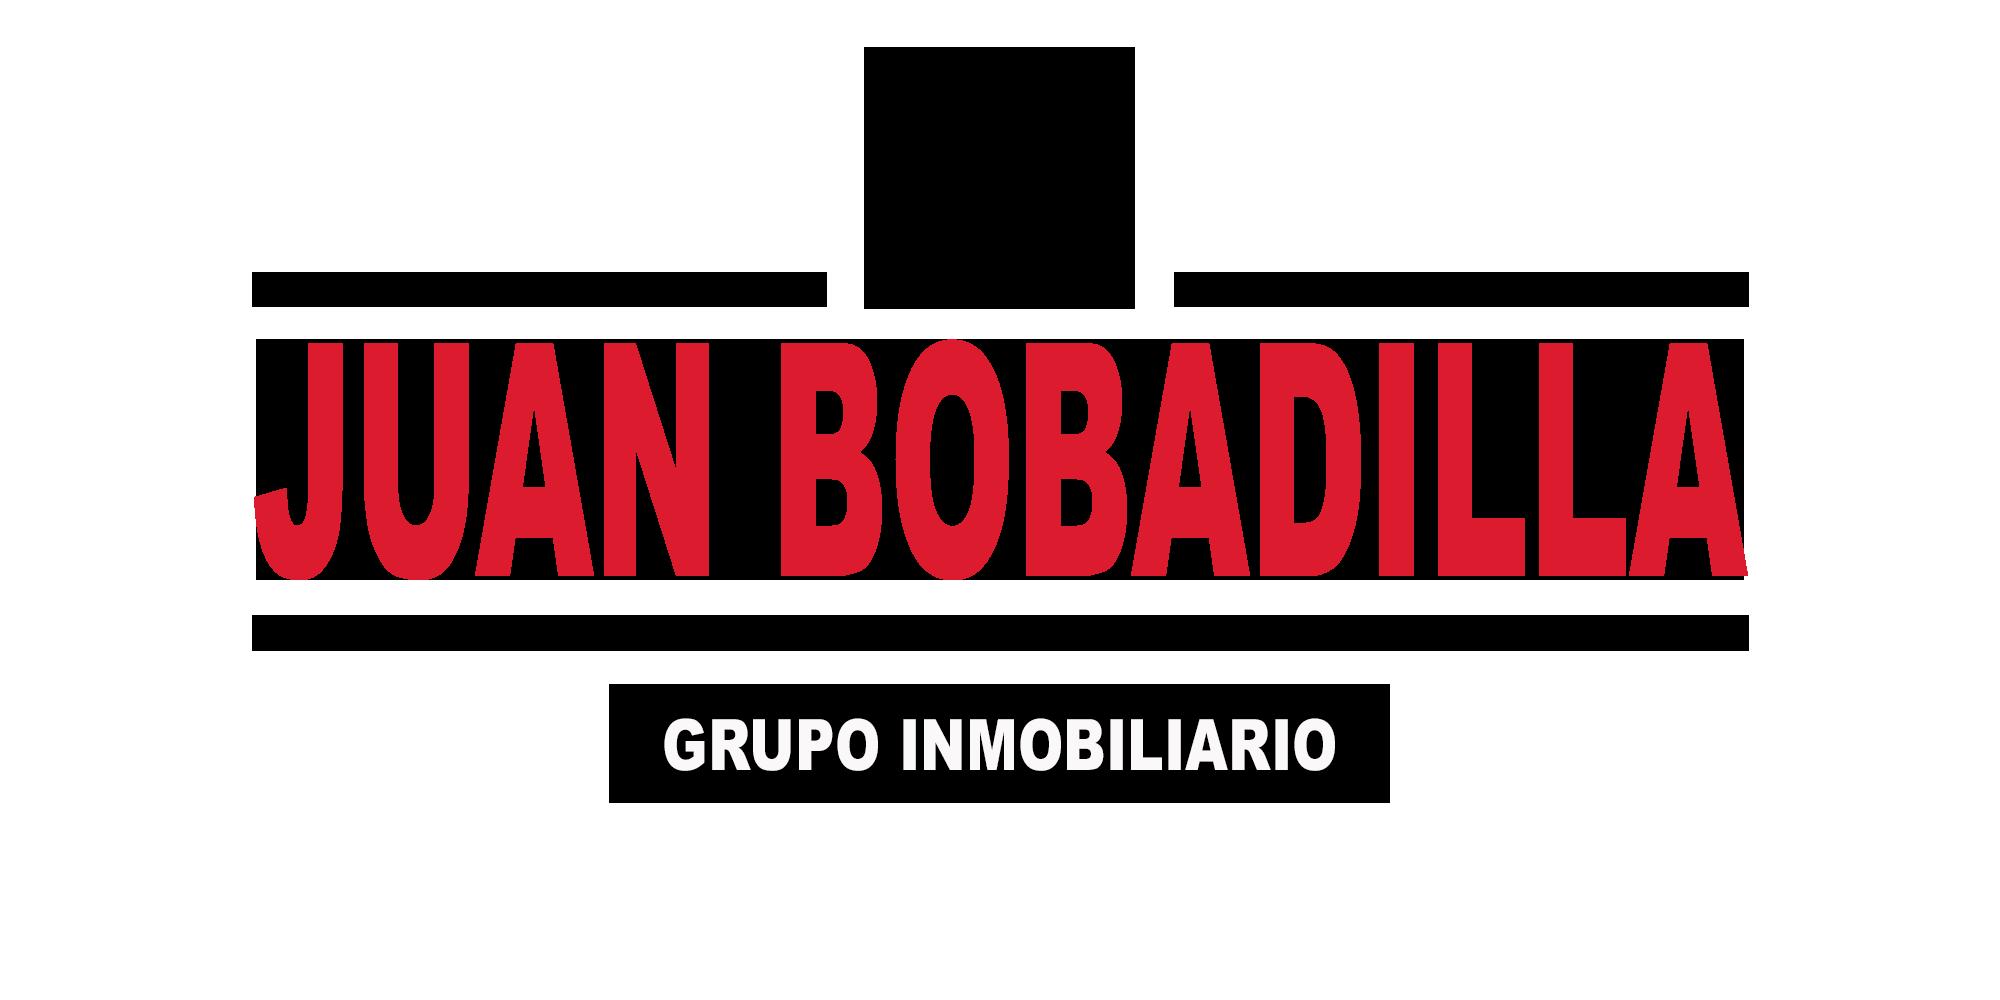 Juan Bobadilla